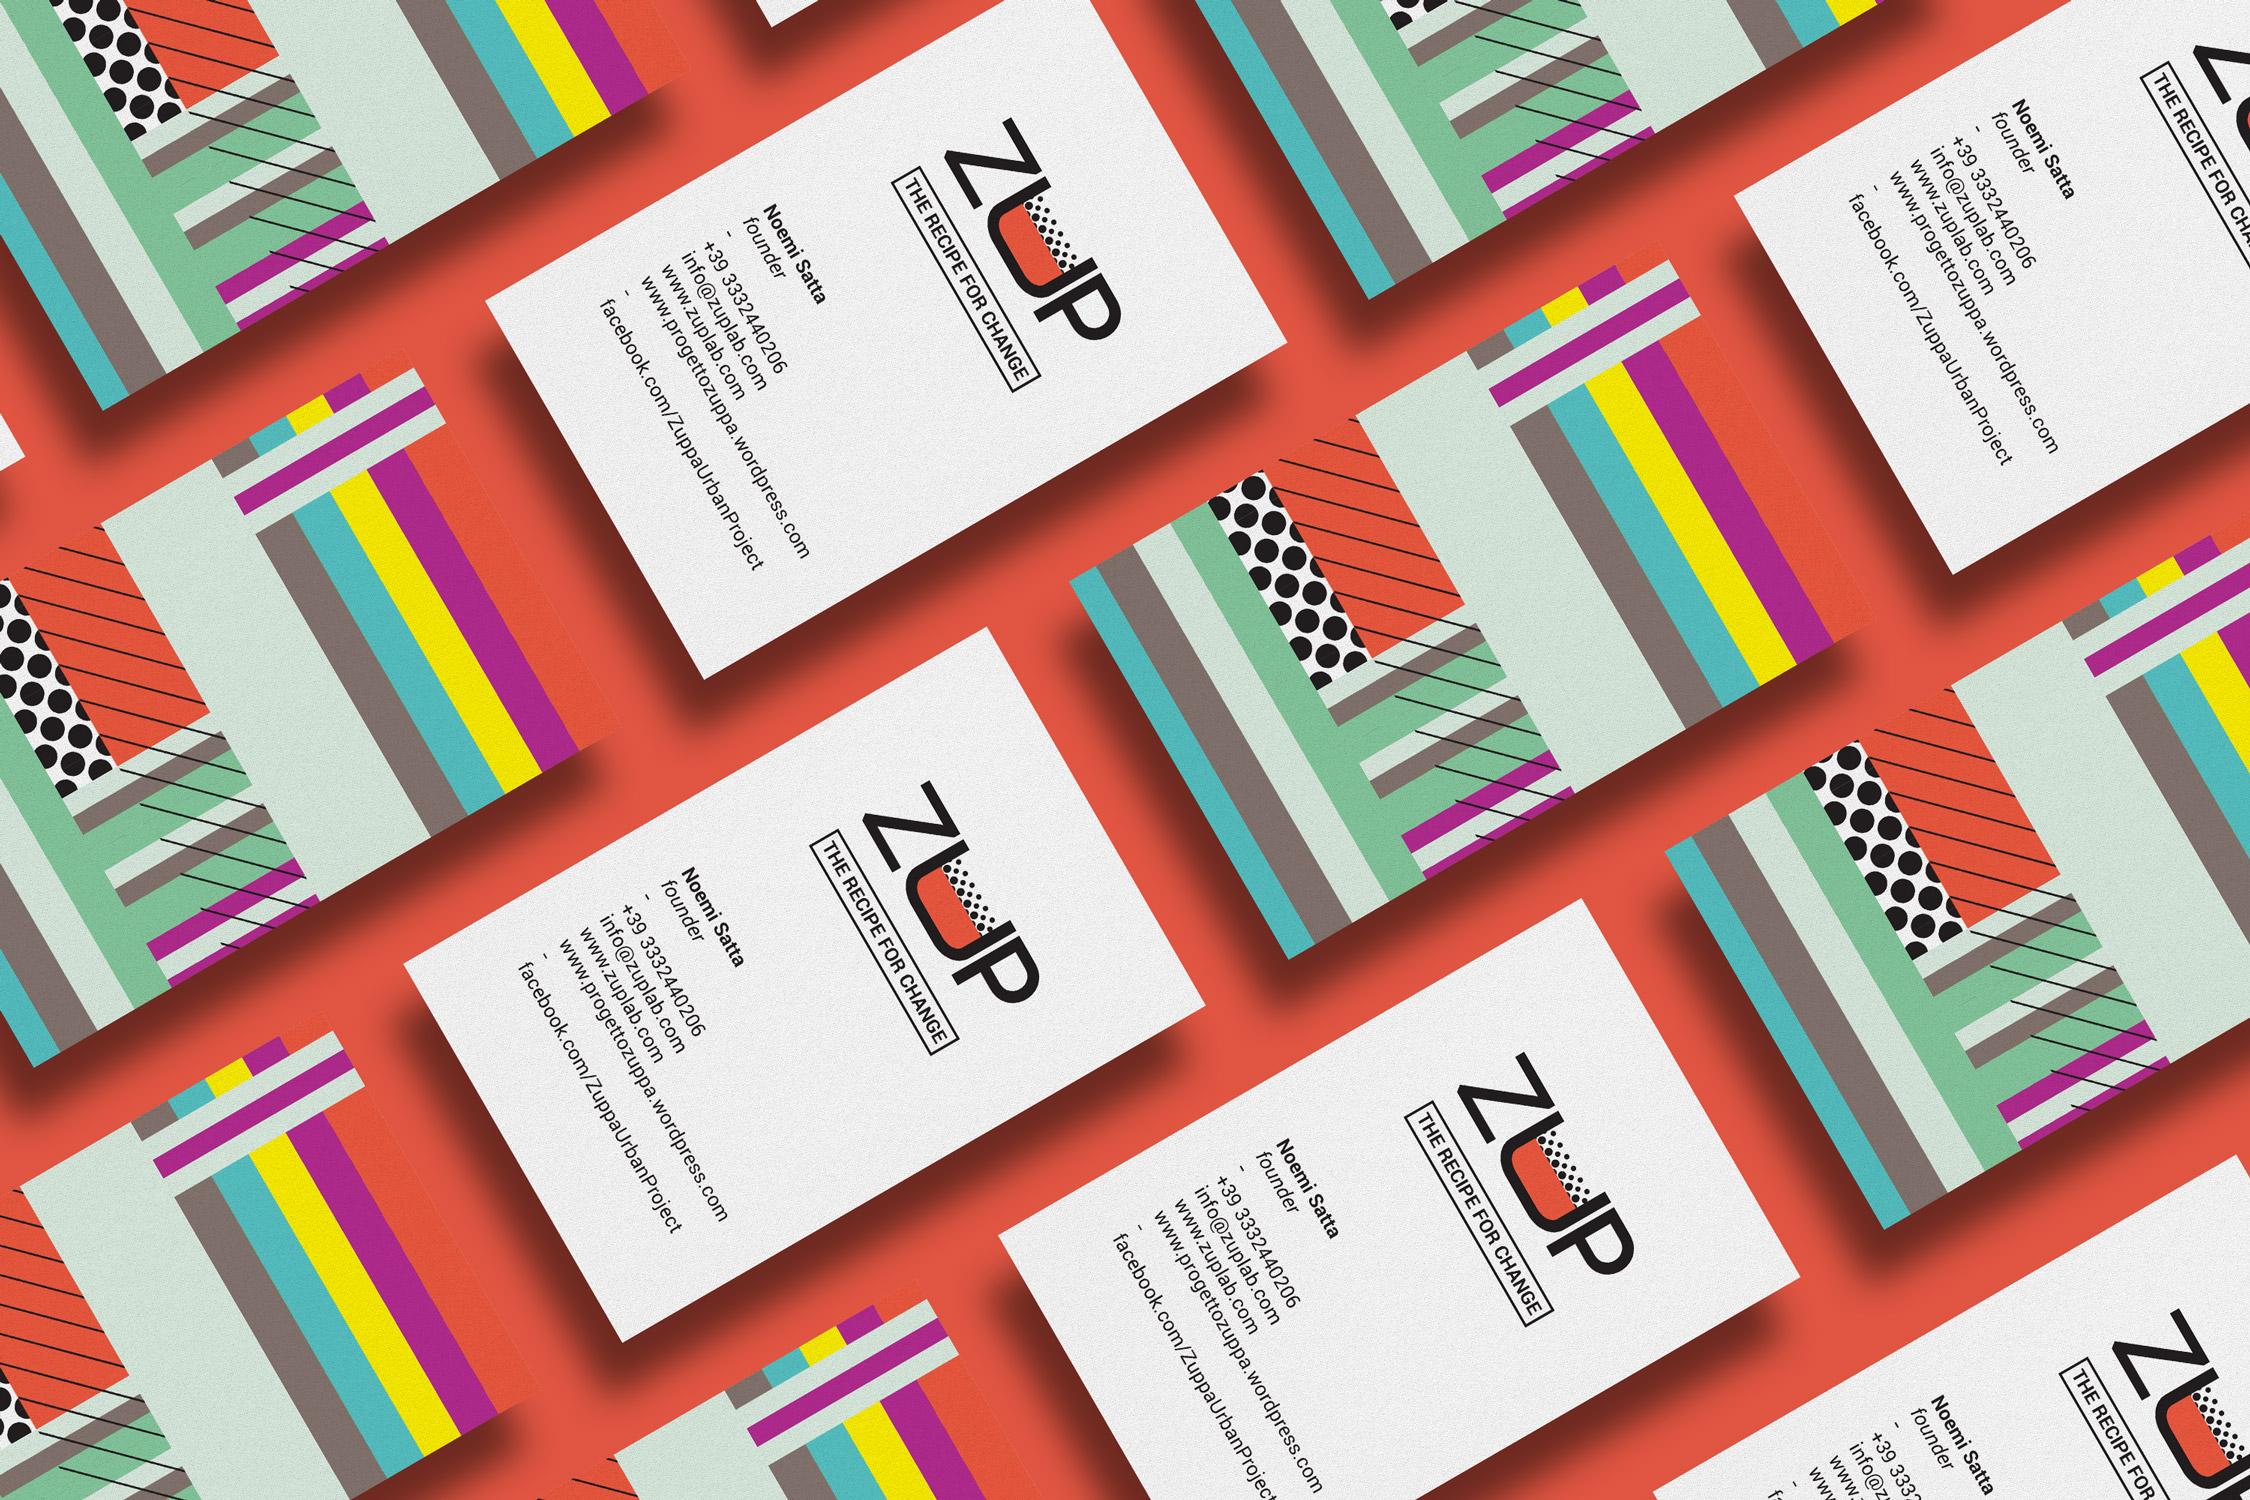 zupbusinesscards